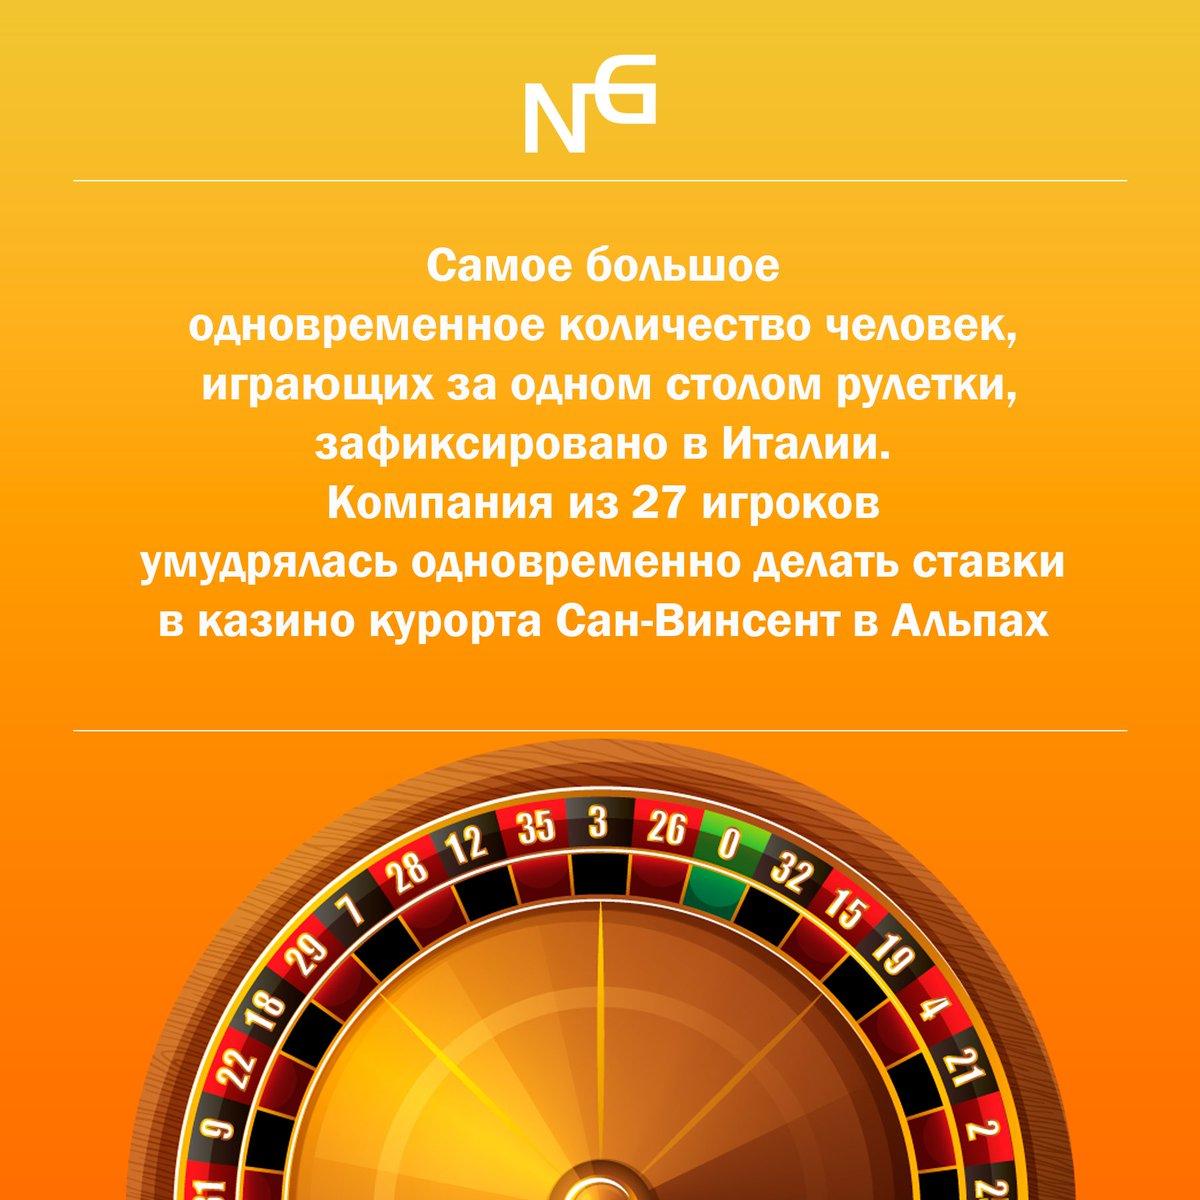 Скачать игру виртуальное казино